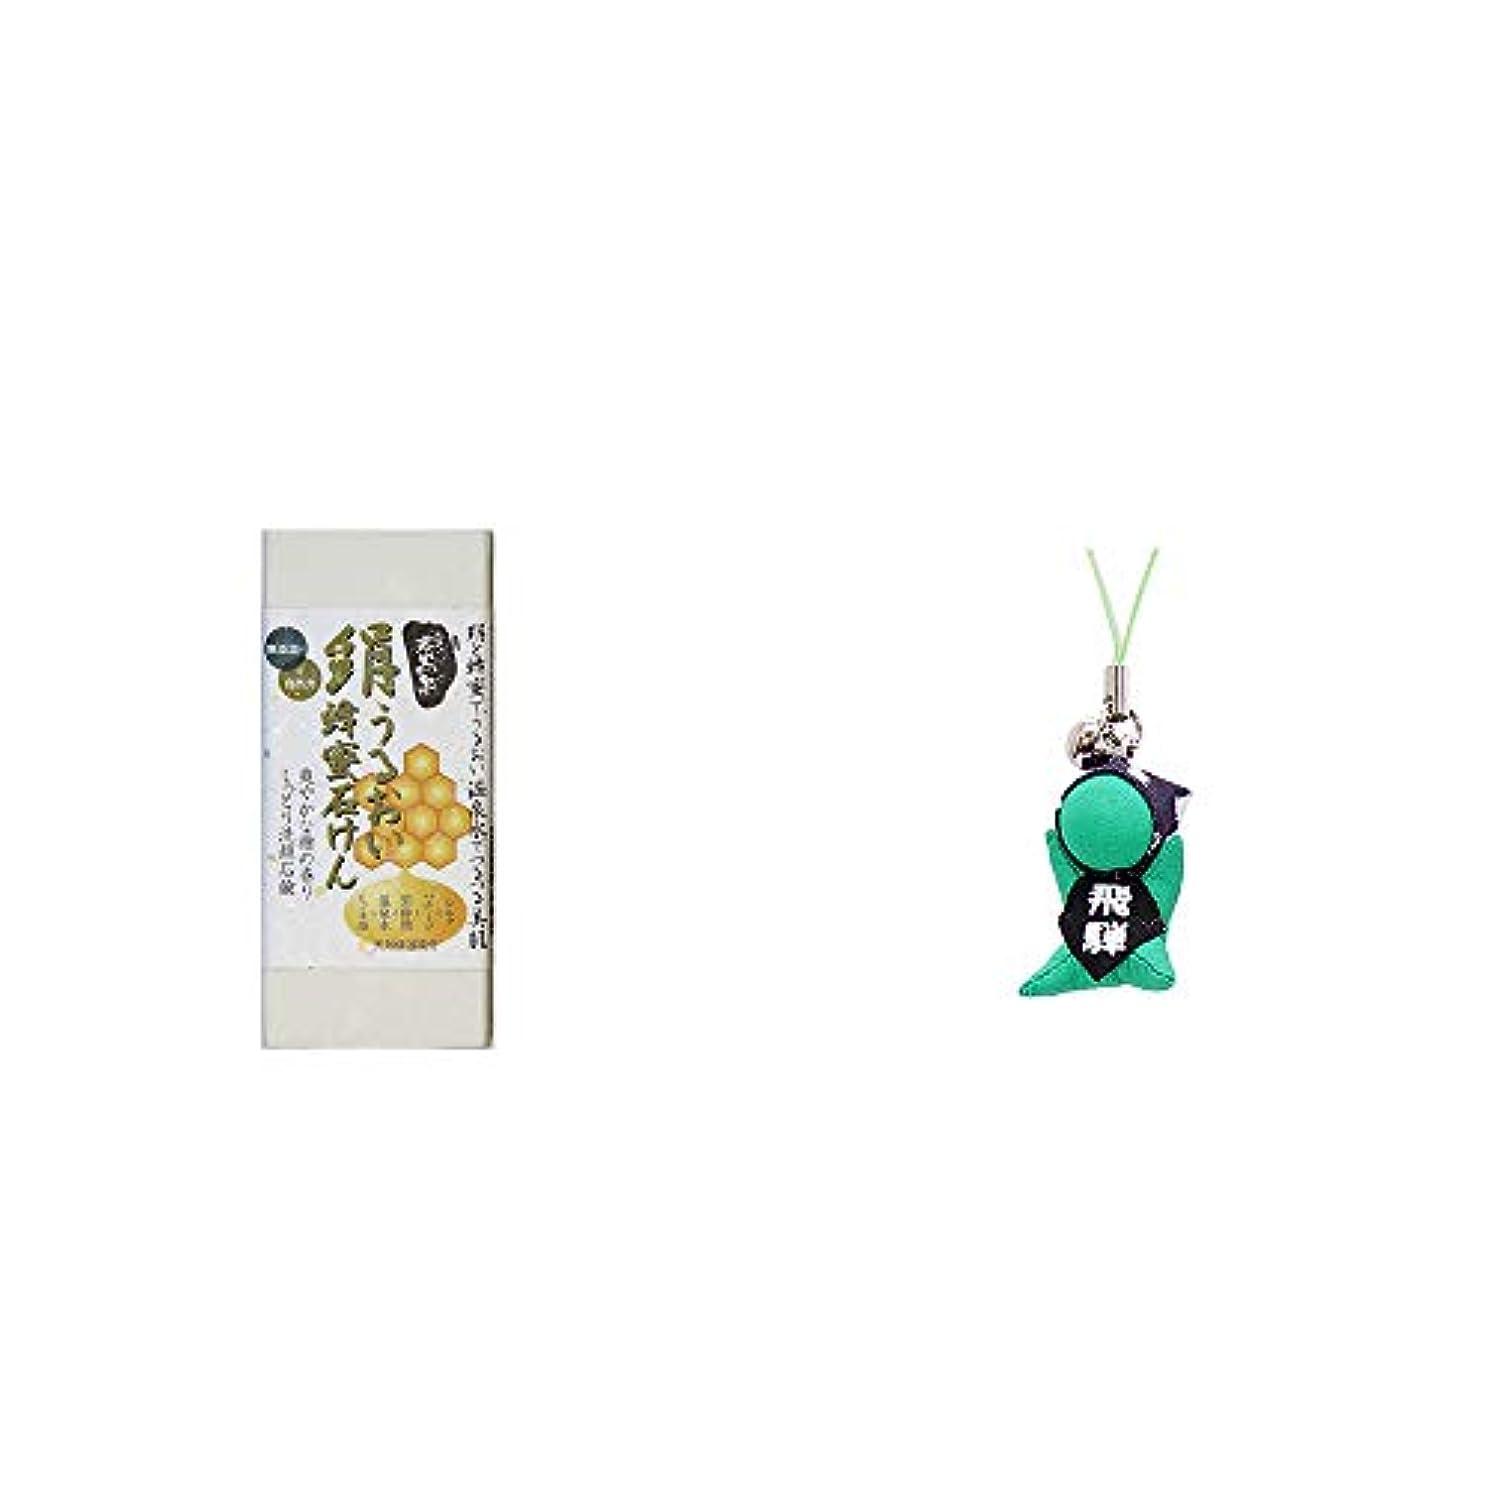 [2点セット] ひのき炭黒泉 絹うるおい蜂蜜石けん(75g×2)?さるぼぼ幸福ストラップ 【オレンジ】 / 風水カラー全9種類 妊娠(子宝) お守り//